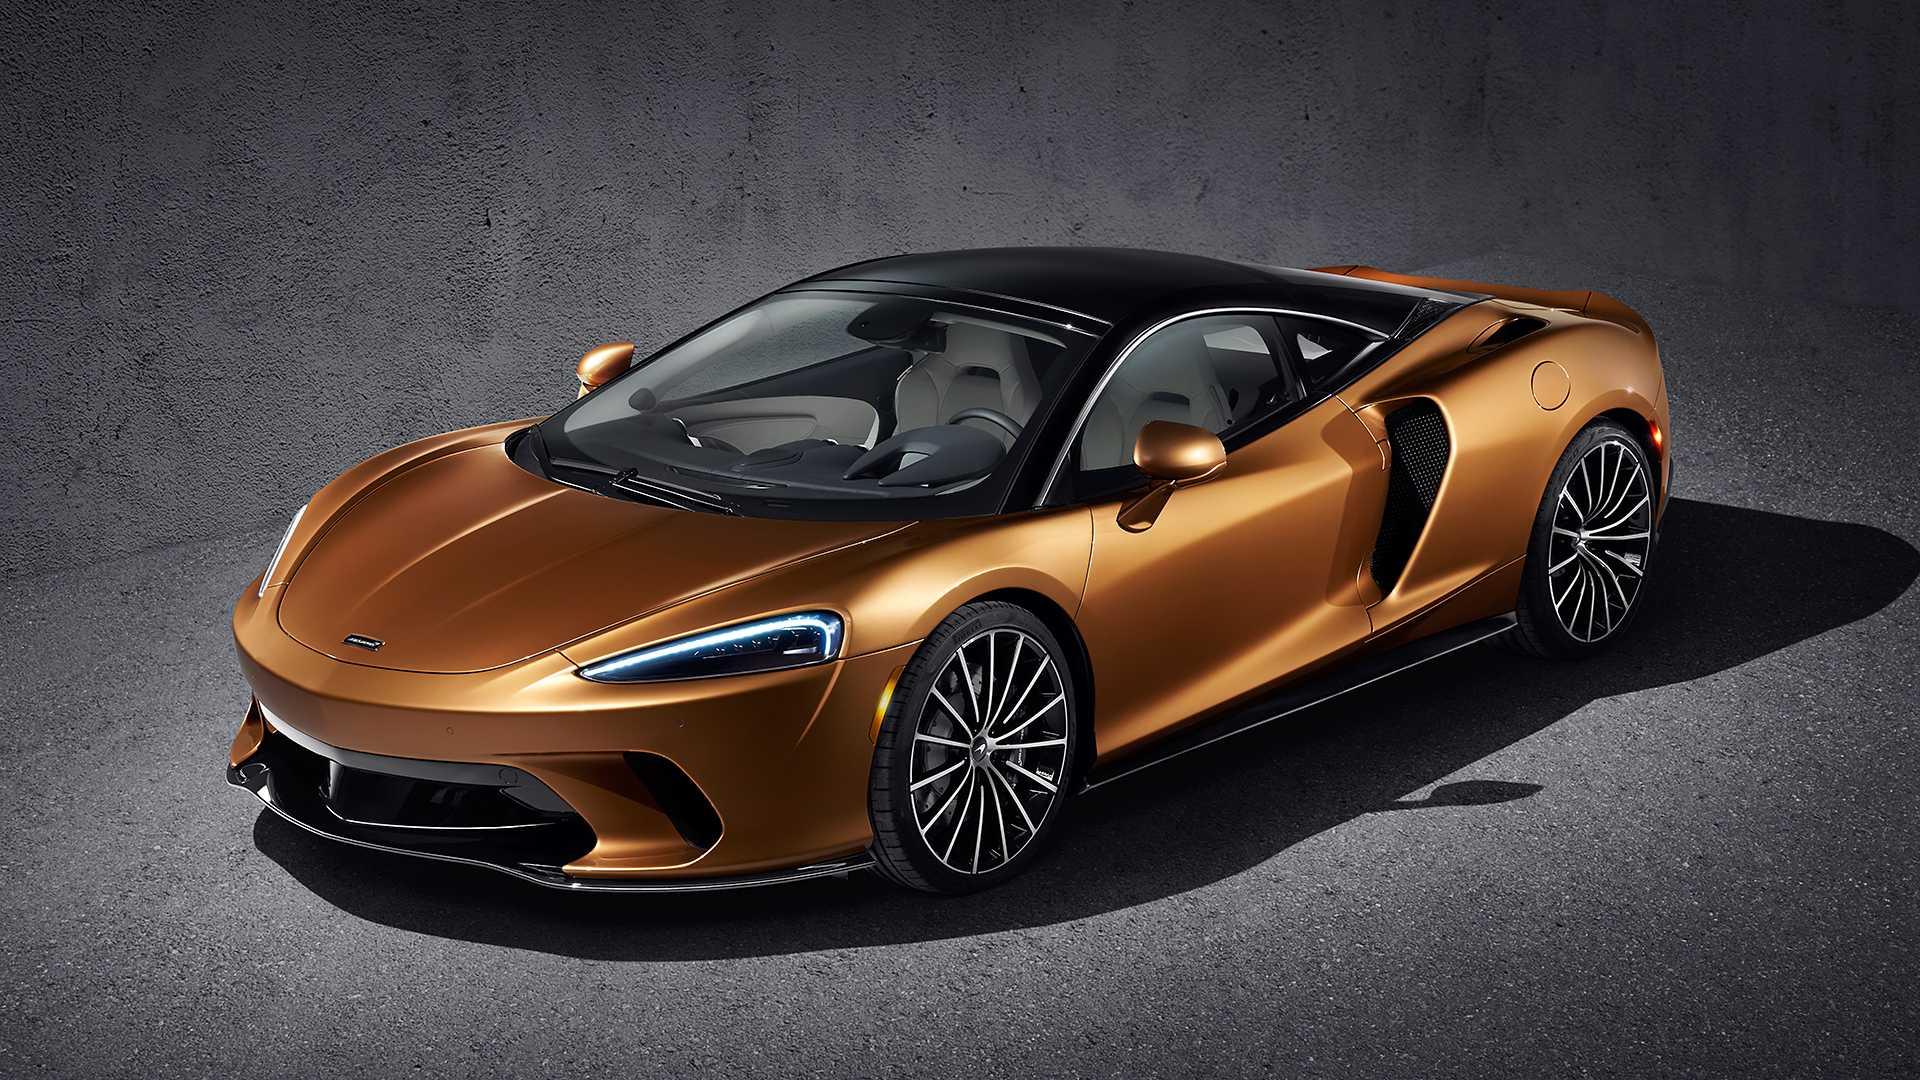 Компания McLaren раскрыла всю информацию о своей новой модели класса Grand Tourer, предназначенной для комфортных путешествий на дальние расстояния